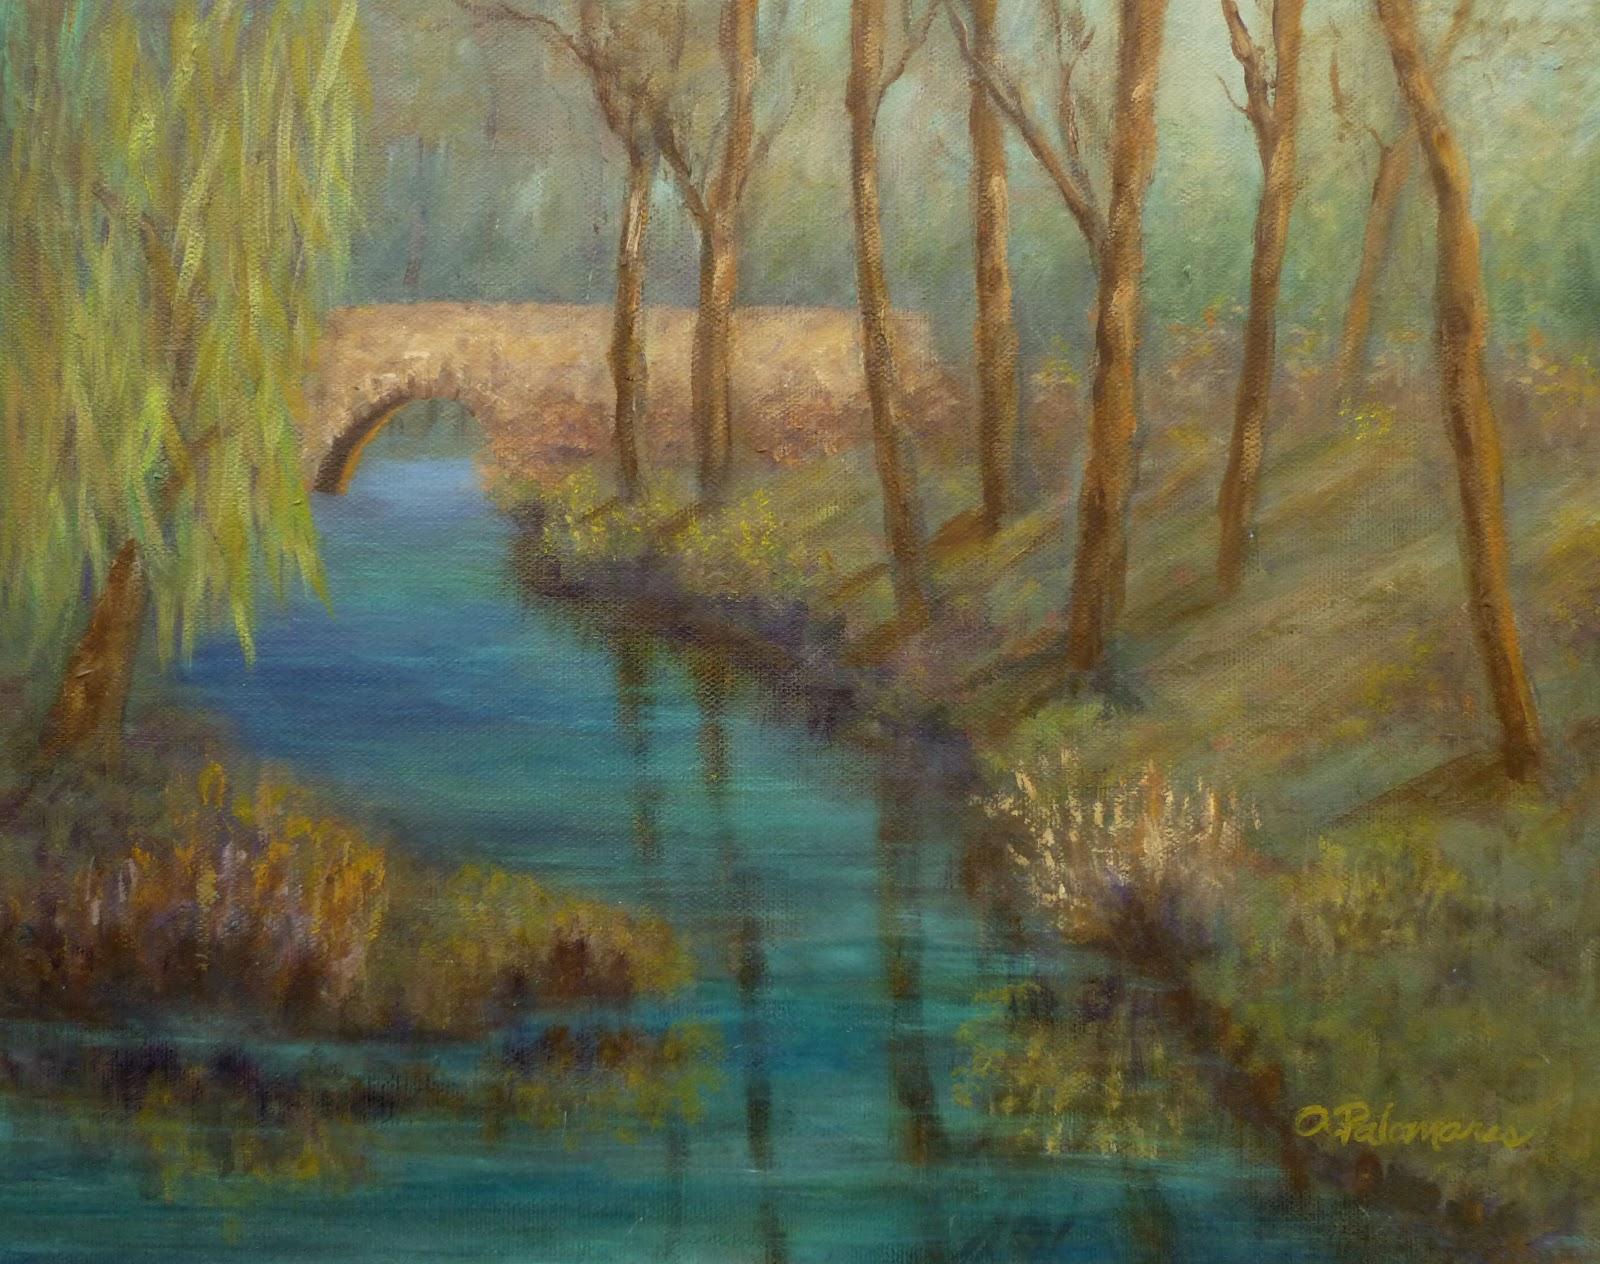 http://4.bp.blogspot.com/-9VtS5rqvKjk/T8Px2_GQTHI/AAAAAAAABAg/GrFrAoLNDV8/s1600/Weeping+Willow+Bridge+Painting+Amber+Palomares.jpg